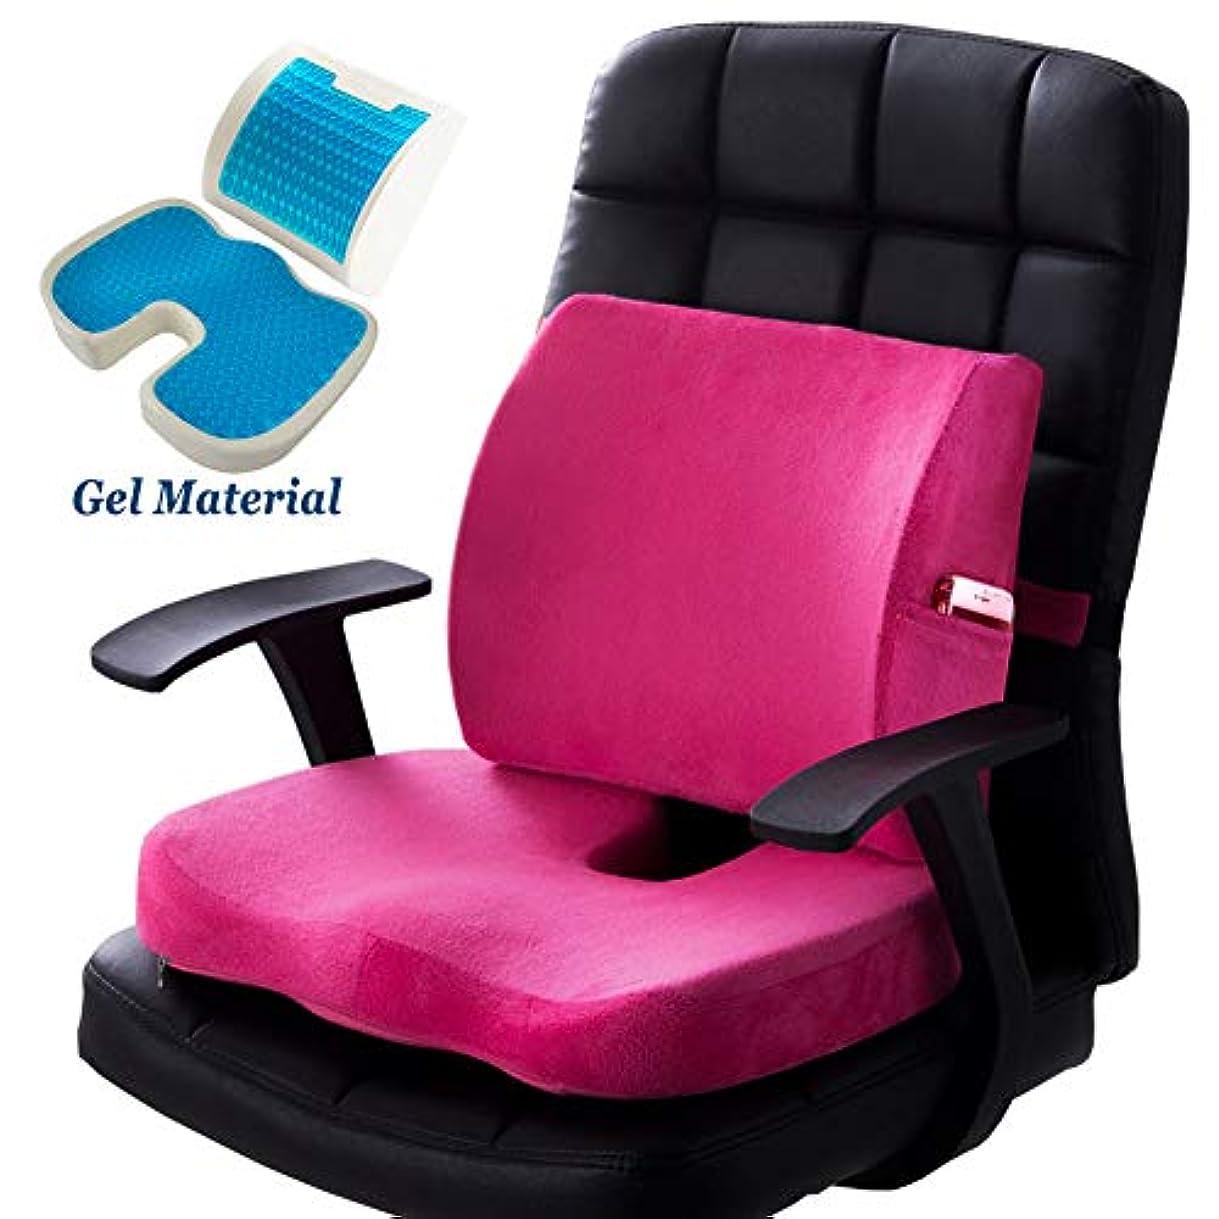 不倫侵入する争いシートクッションと腰用クッションセット,ファッション低反発フォーム/ジェルサポートバッククッション、洗えるカバー、坐骨神経痛の痛みを軽減,PinkPlush,Gel